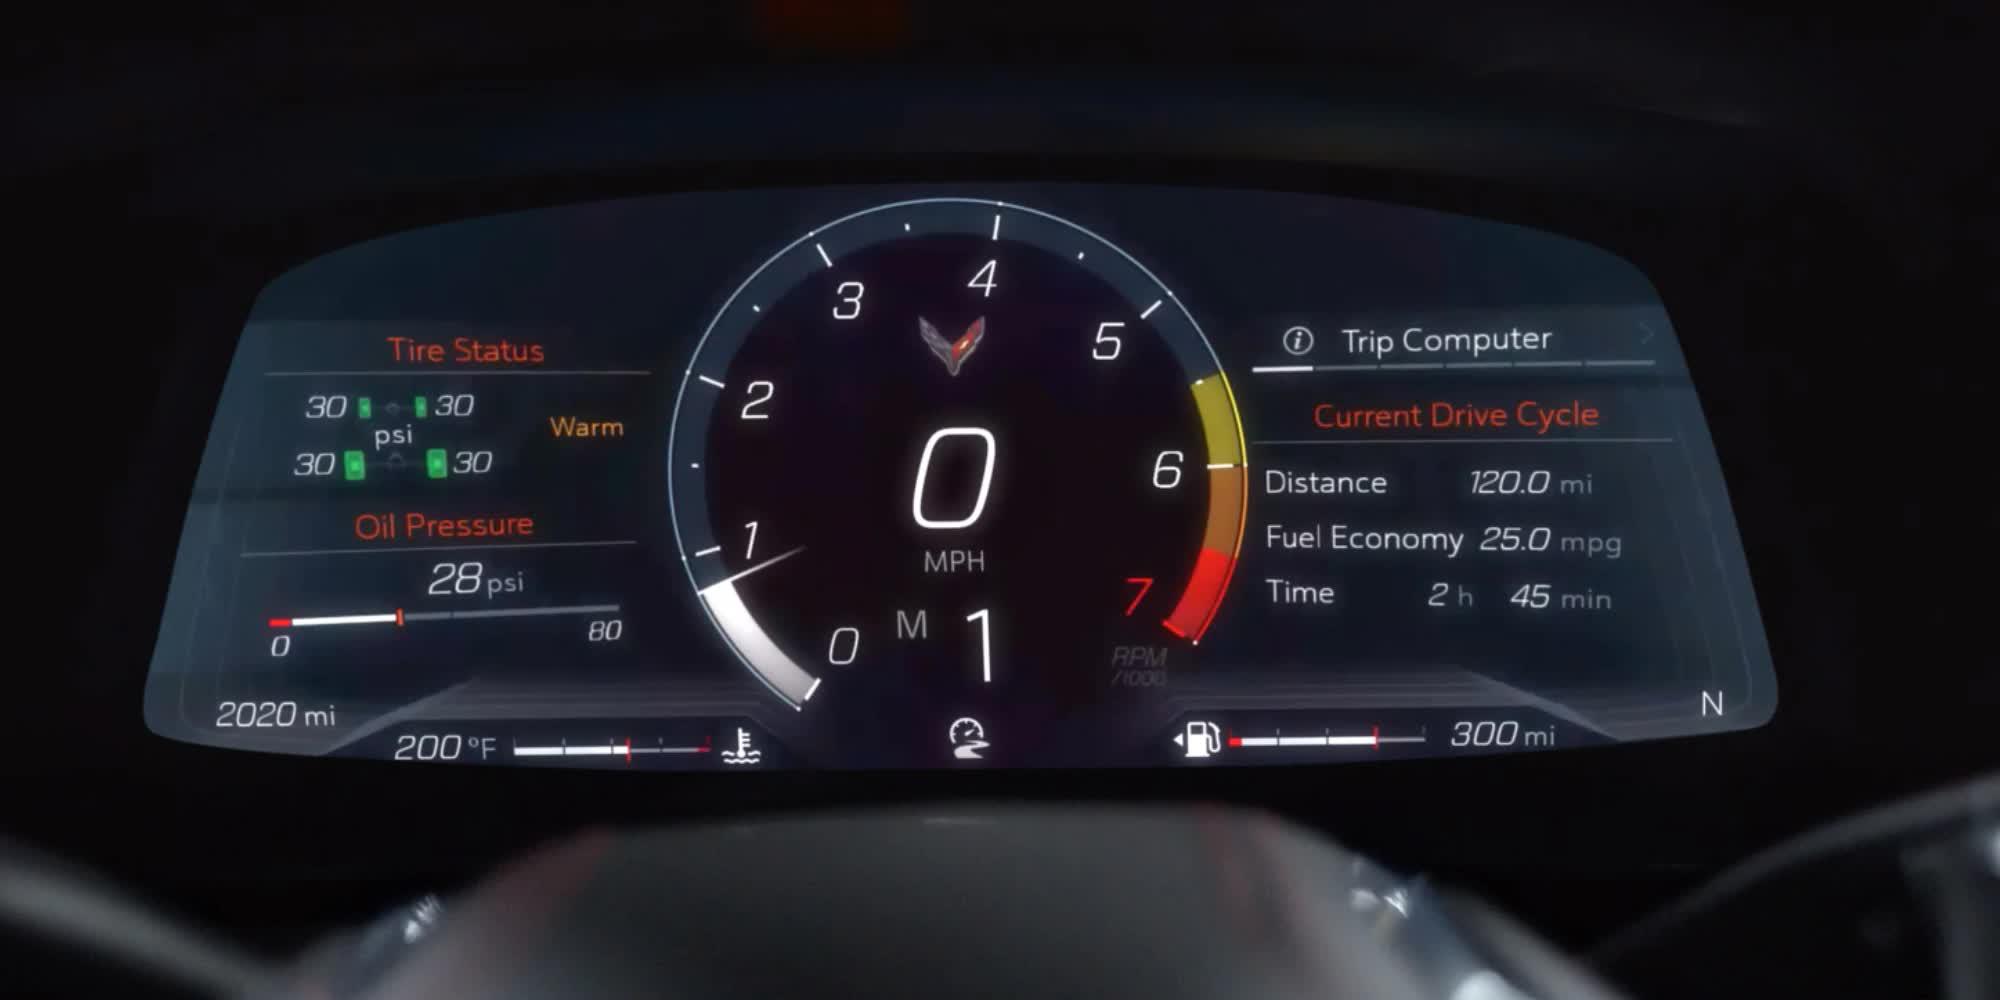 display-velocita-Corvette-c8-stingray-2020-auto-sportiva-a-motore-centrale-disponibile-con-allestimento-coupe-e-convertible-in-esclusiva-presso-gruppo-cavauto-a-Monza.jpg